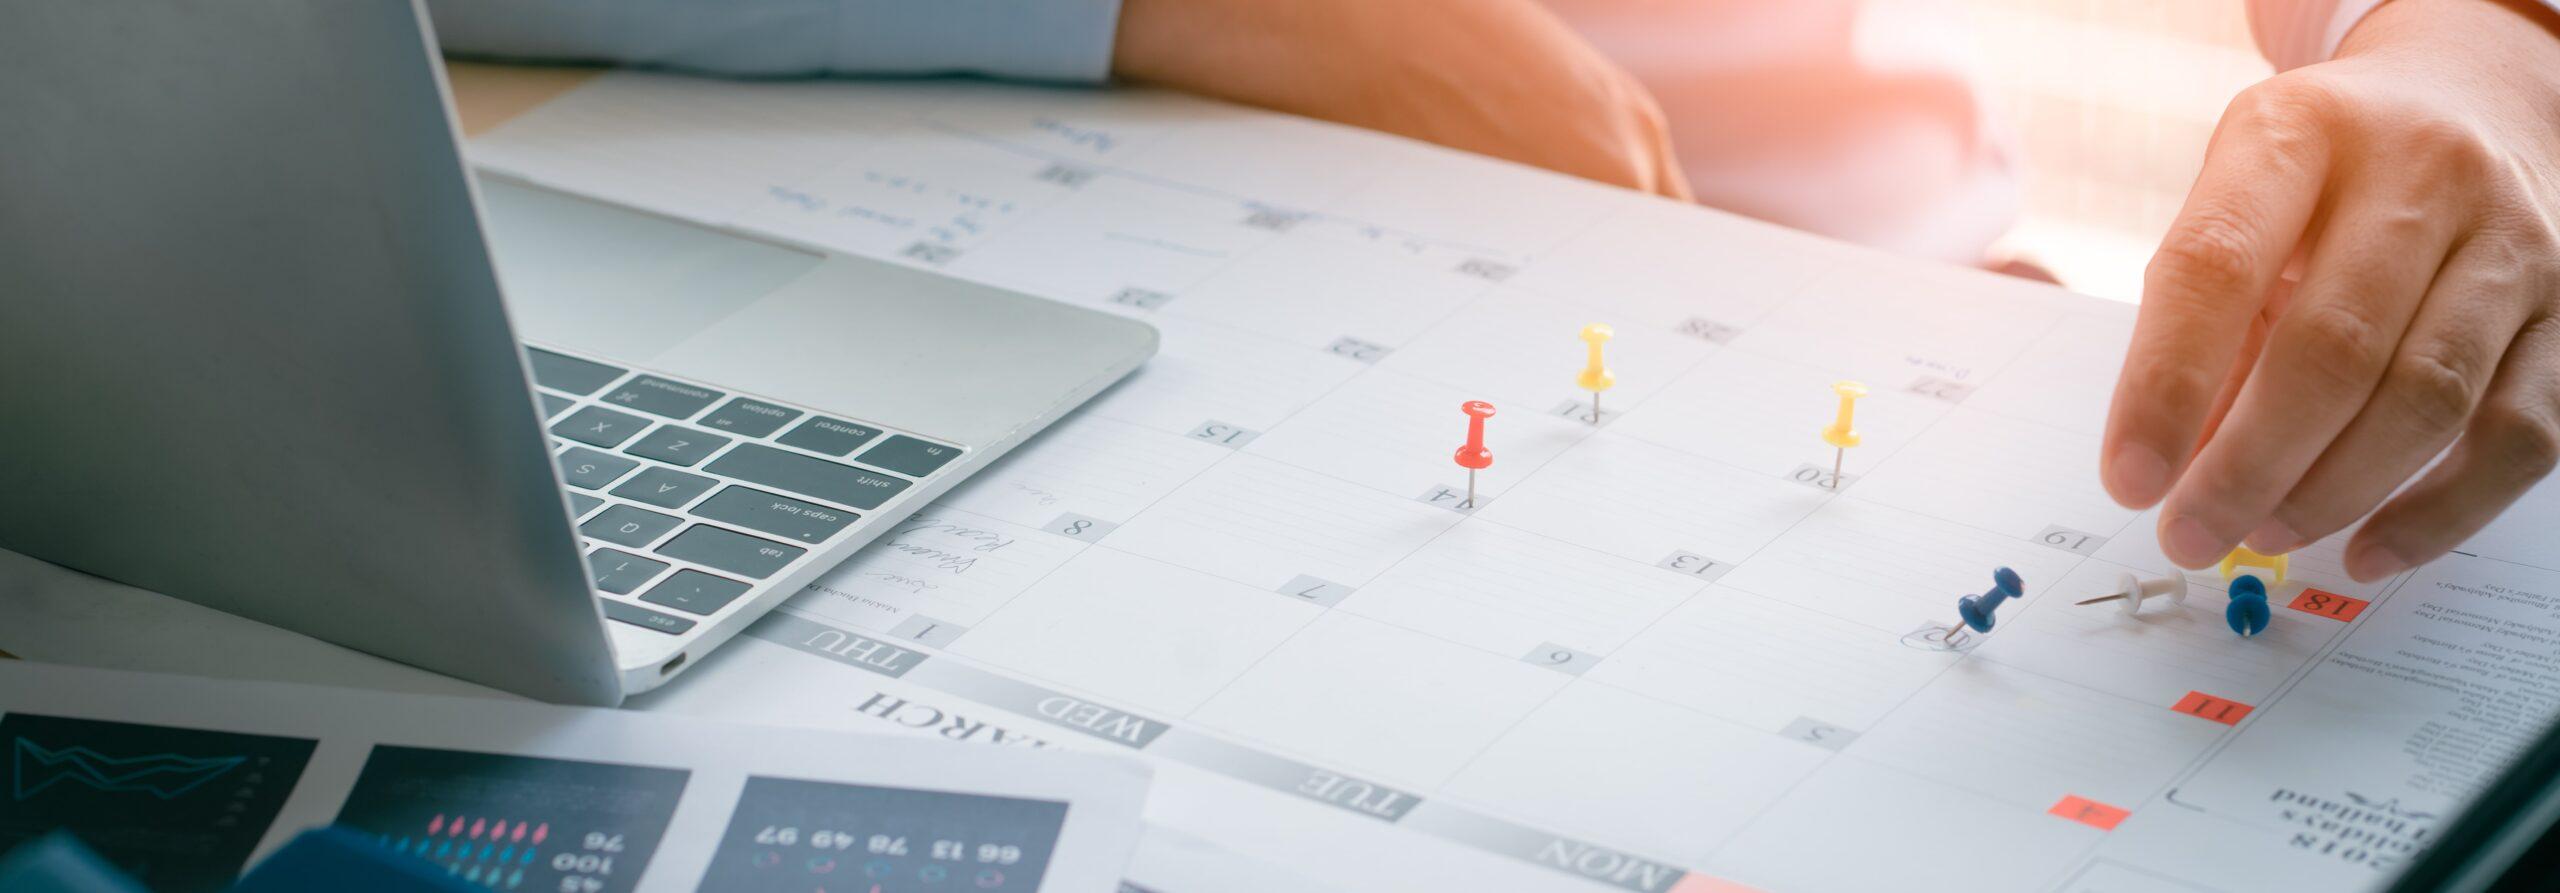 Ein Redaktionsplan ist eine sinnvolle Ergänzung des Influencervertrags